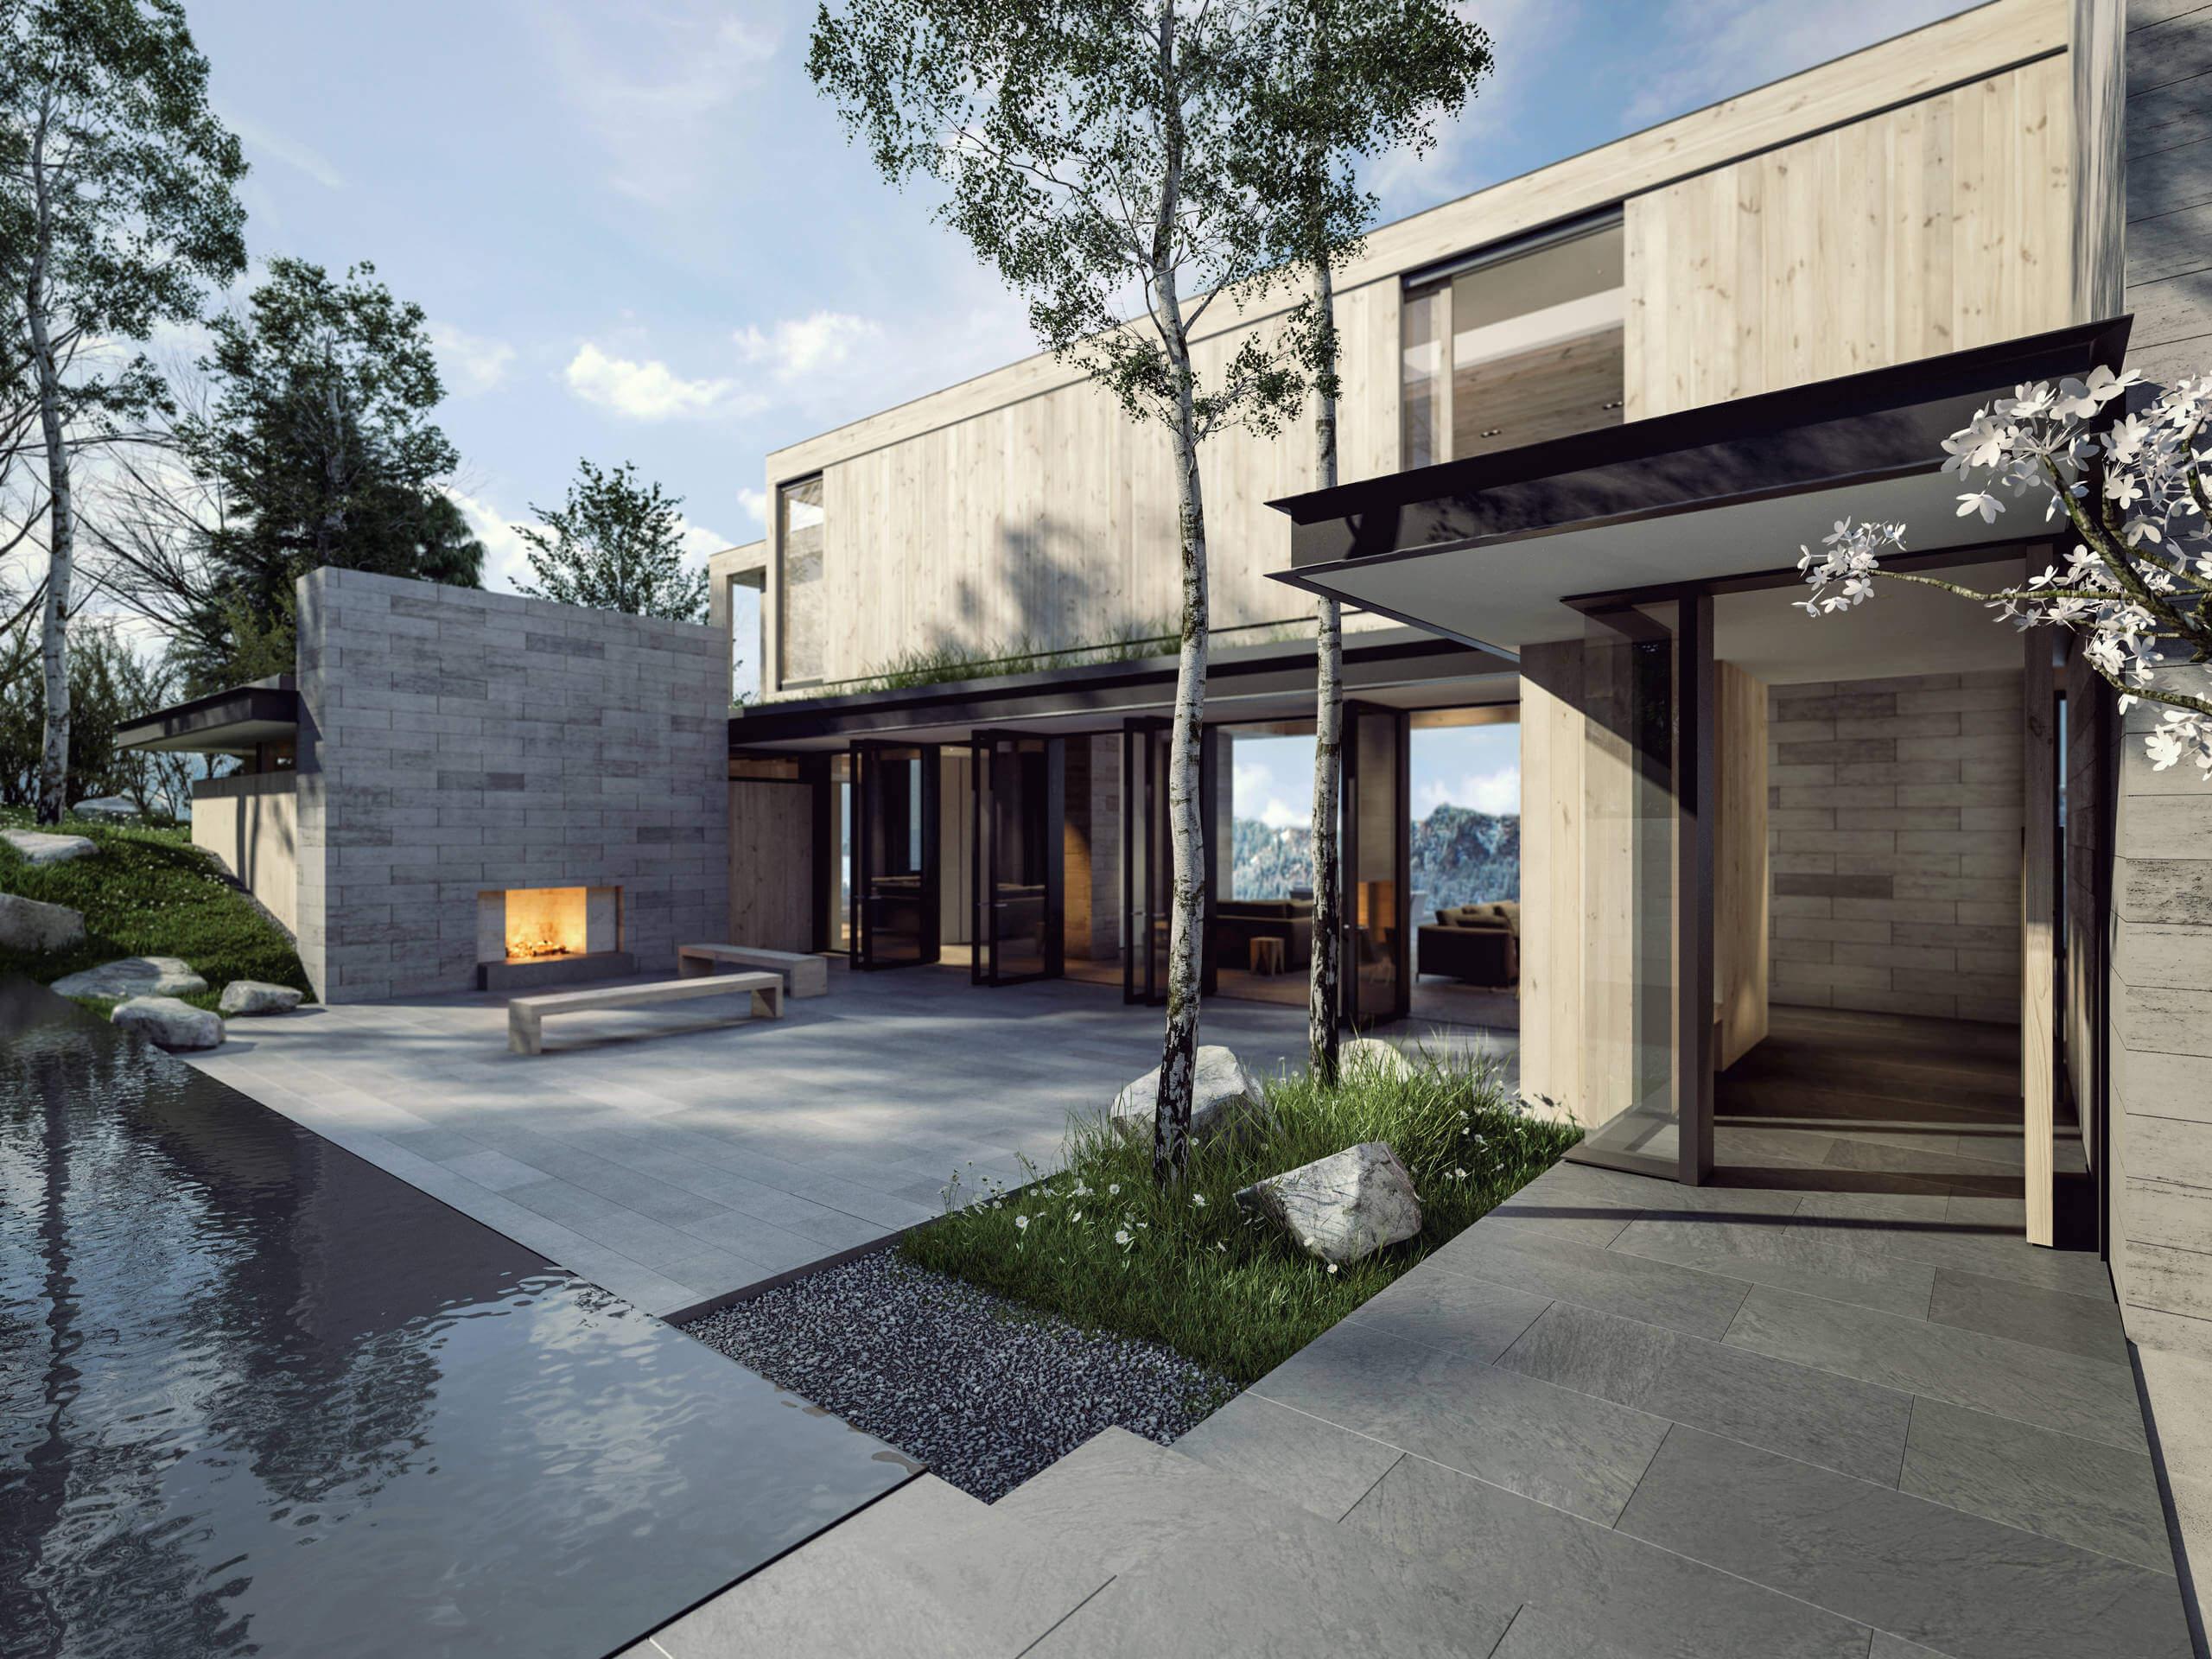 Aspen mountain residence by ro rockett design for Aspen style home designs